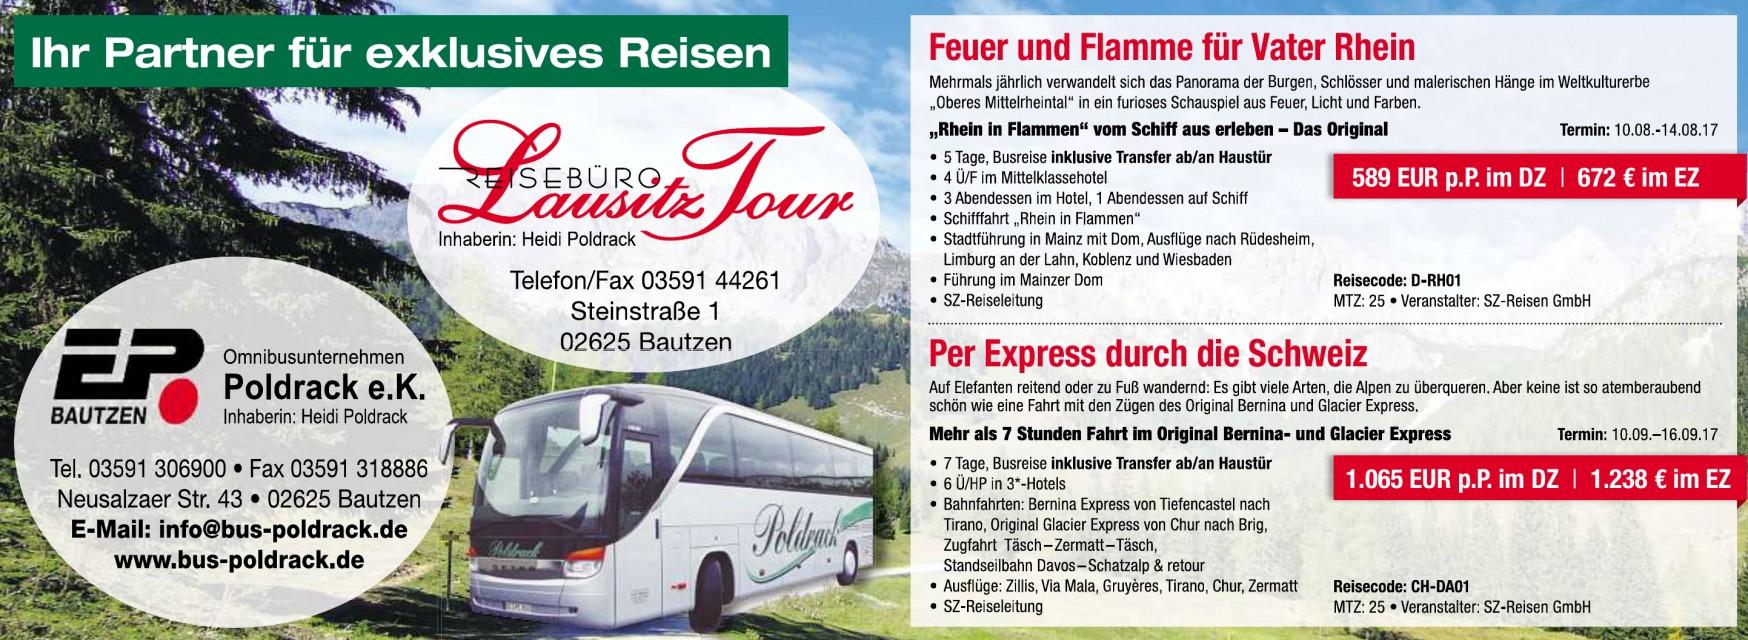 Reisebüro Lausitz Tour - Heidi Poldrack